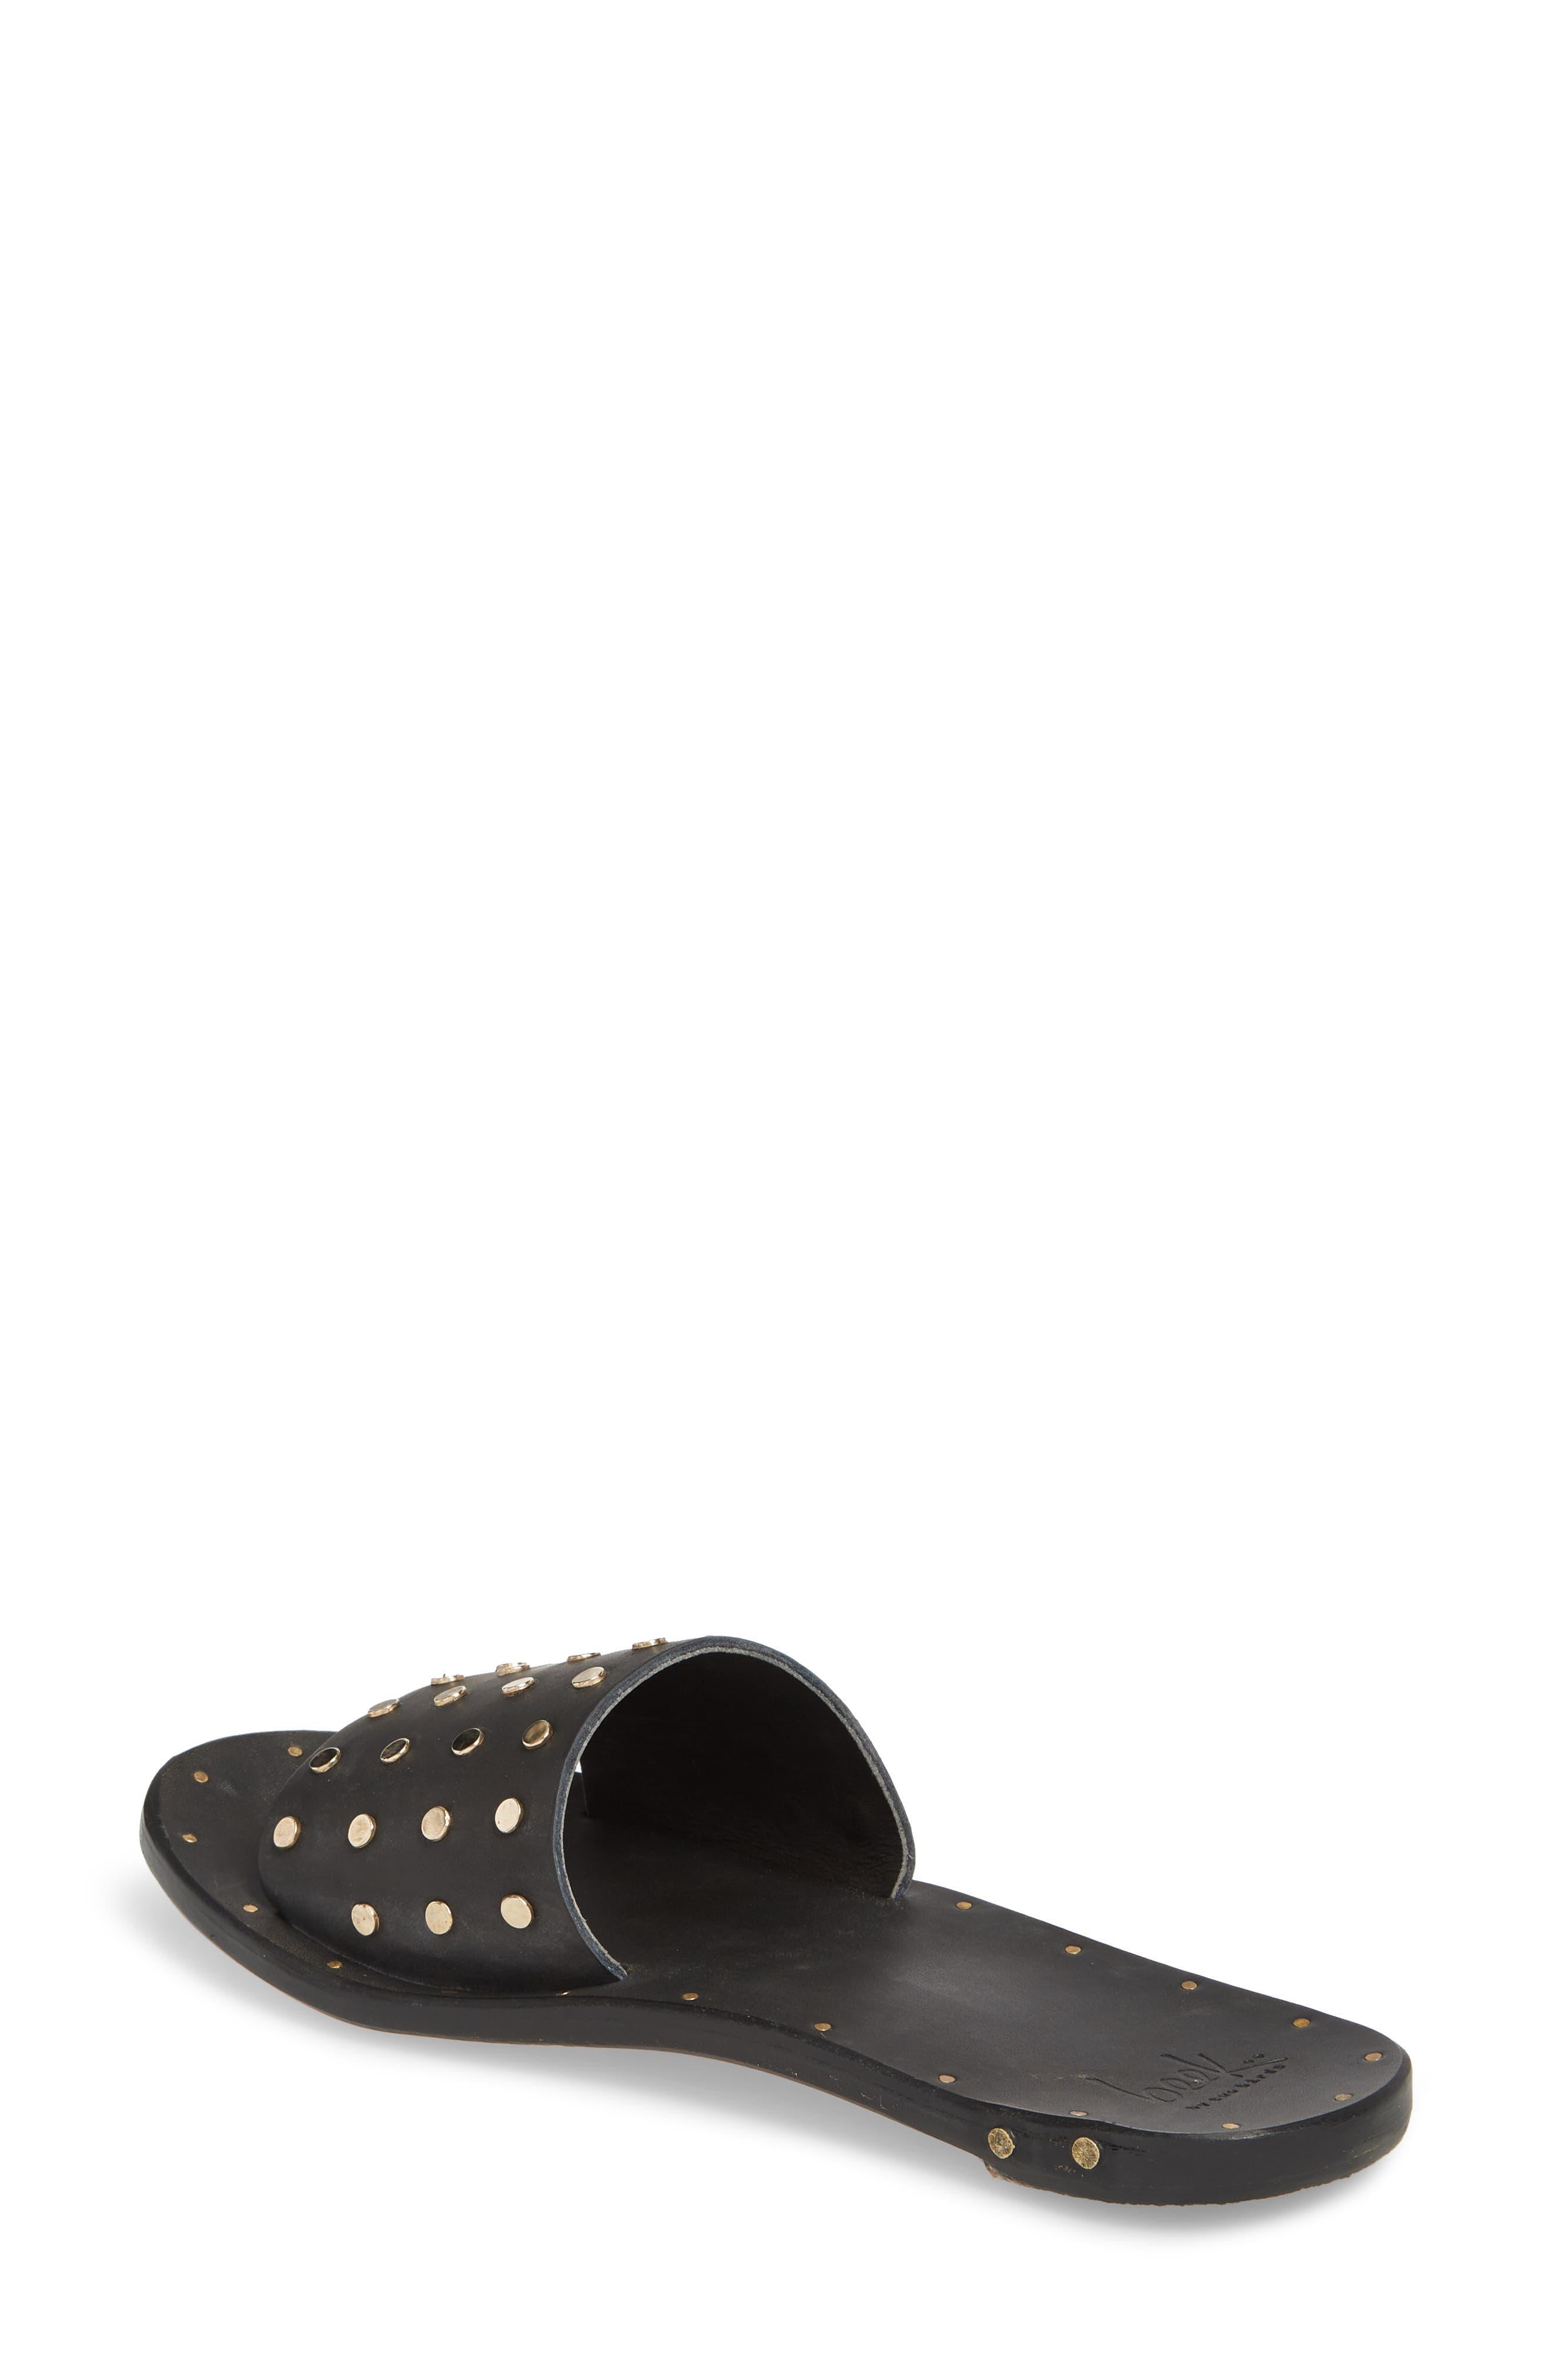 Lovebird Studded Slide Sandal,                             Alternate thumbnail 2, color,                             Black/ Black